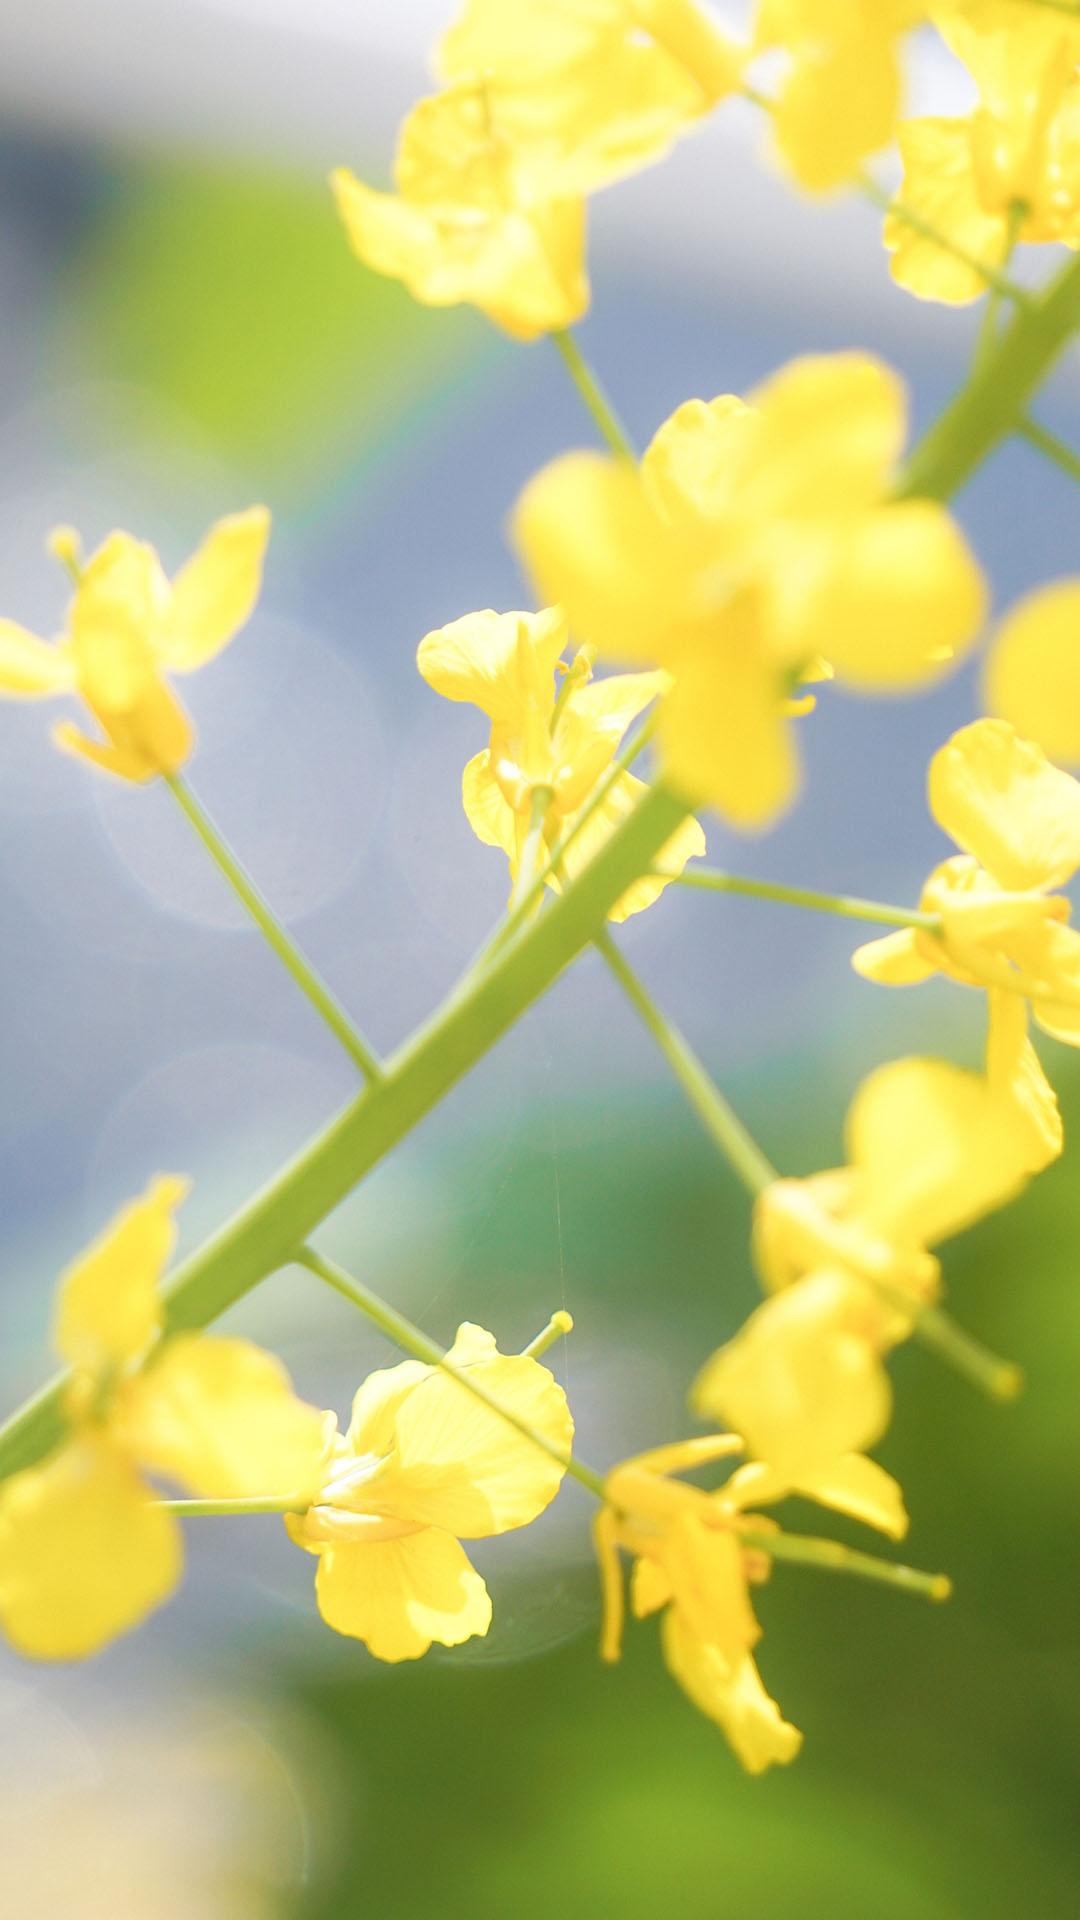 清新好看的油菜花植物花卉壁纸图片